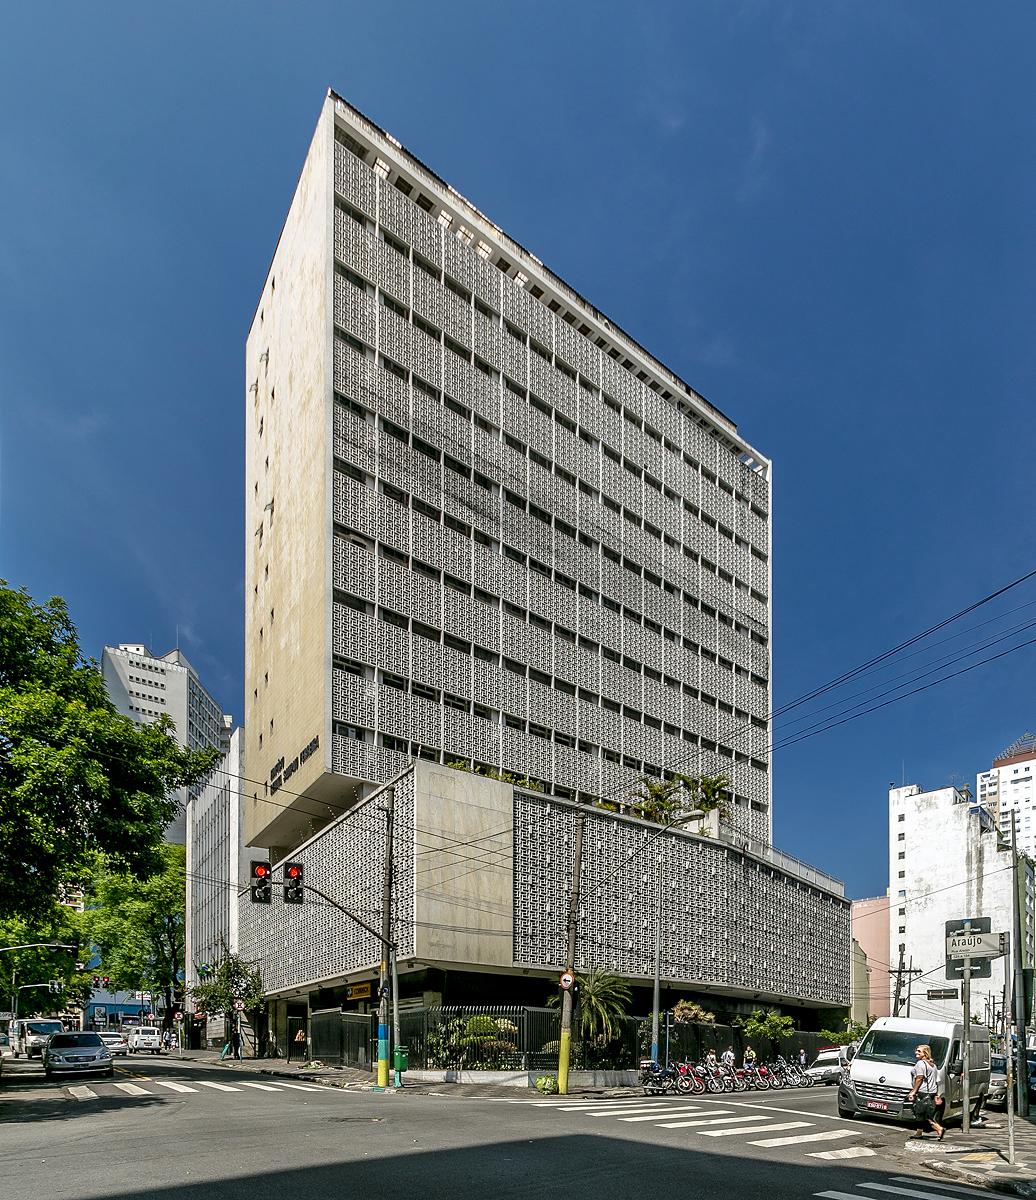 Edifício Renata Sampaio Ferreira: obra de Oswaldo Bratke